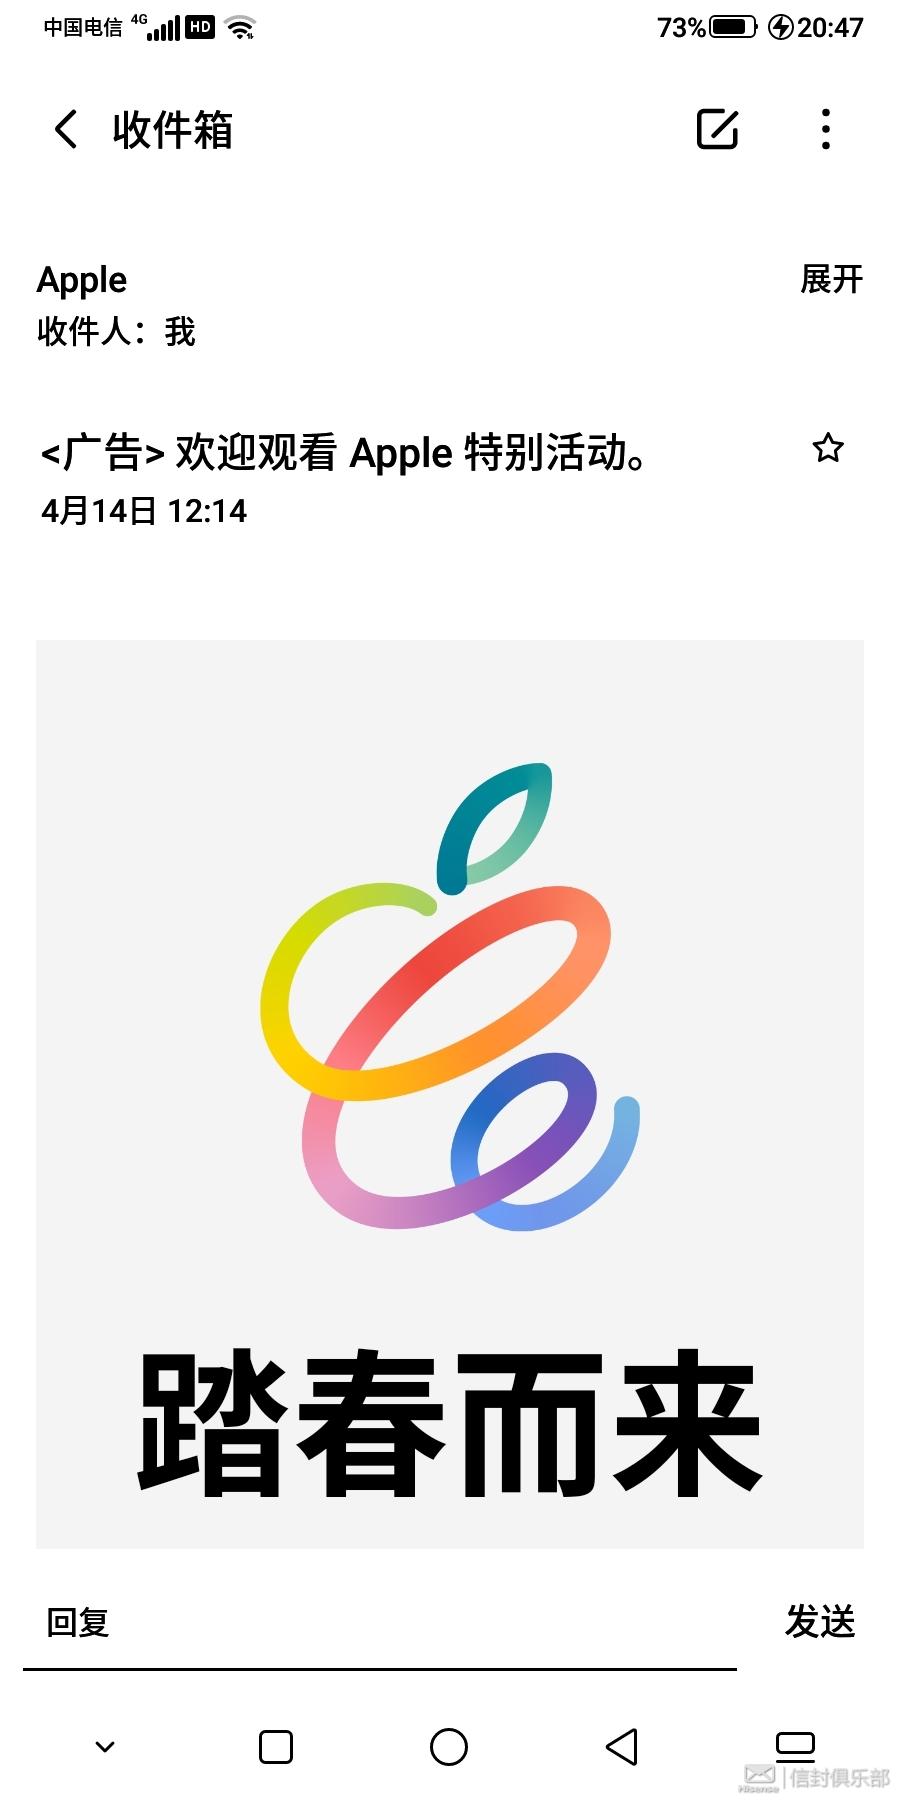 Screenshot_20210507_204753824_**邮件.jpg